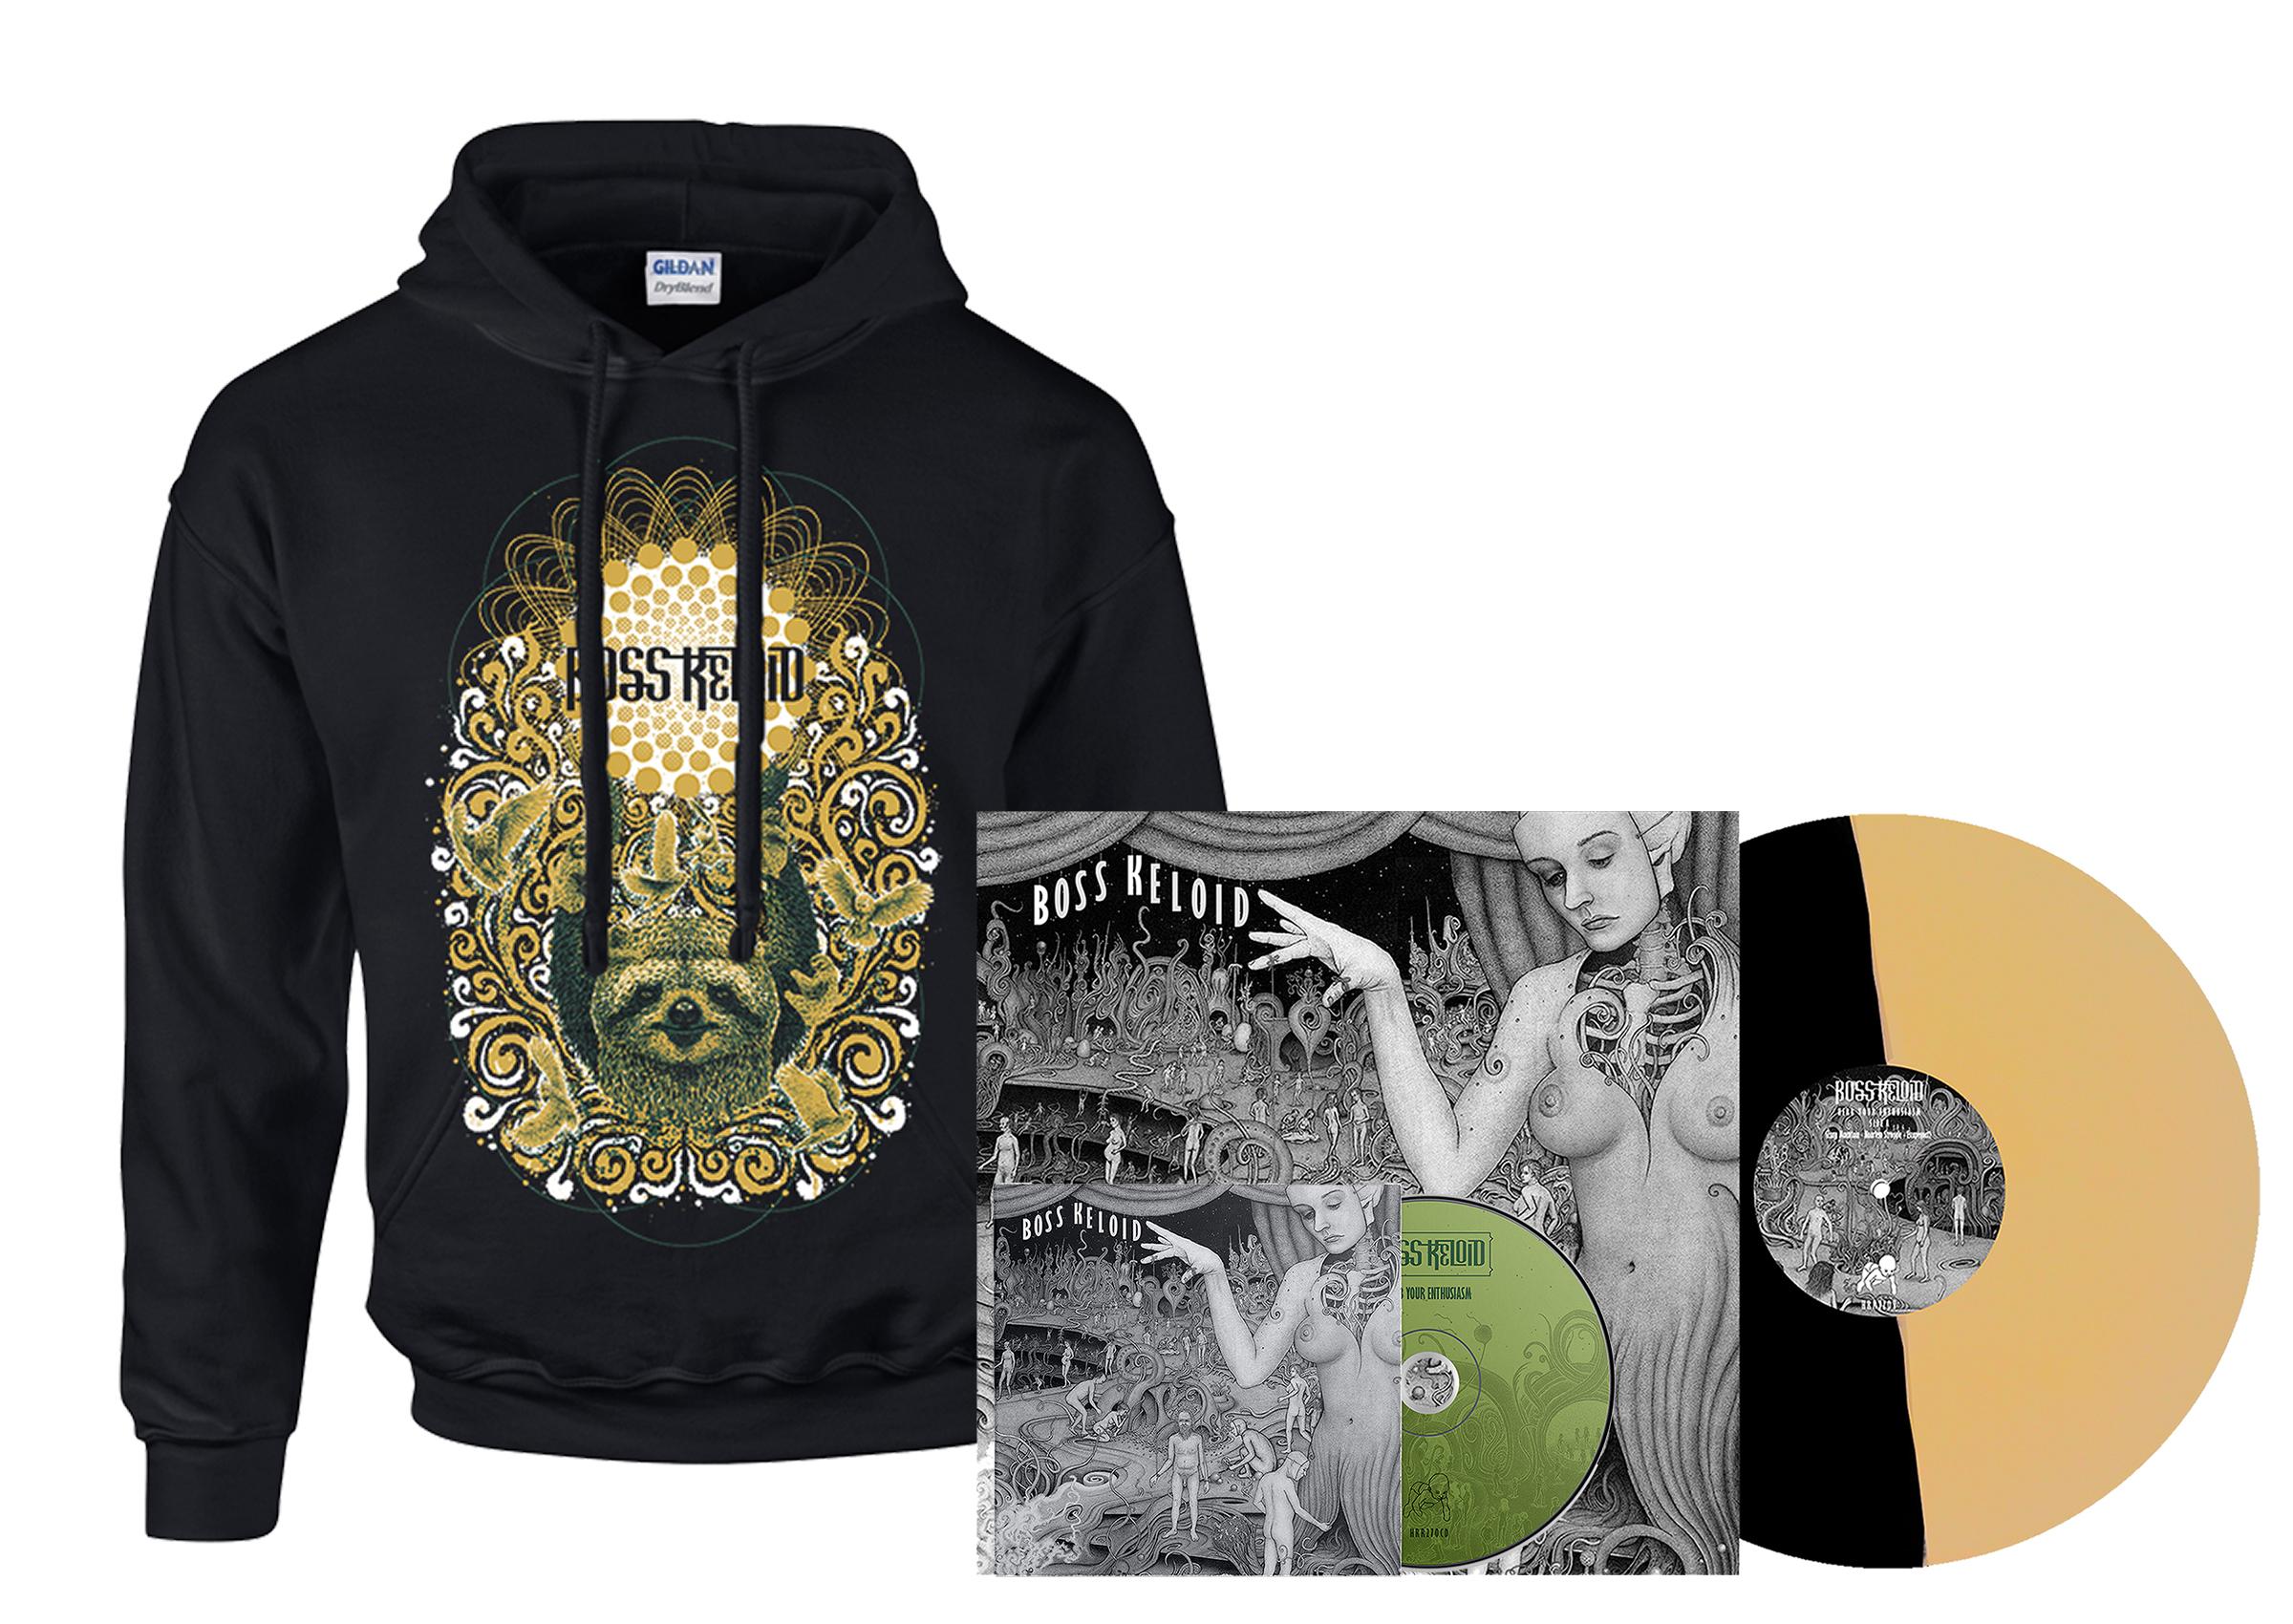 Boss Keloid - Herb Your Enthusiasm hoodie + 2xLP + CD PREORDER